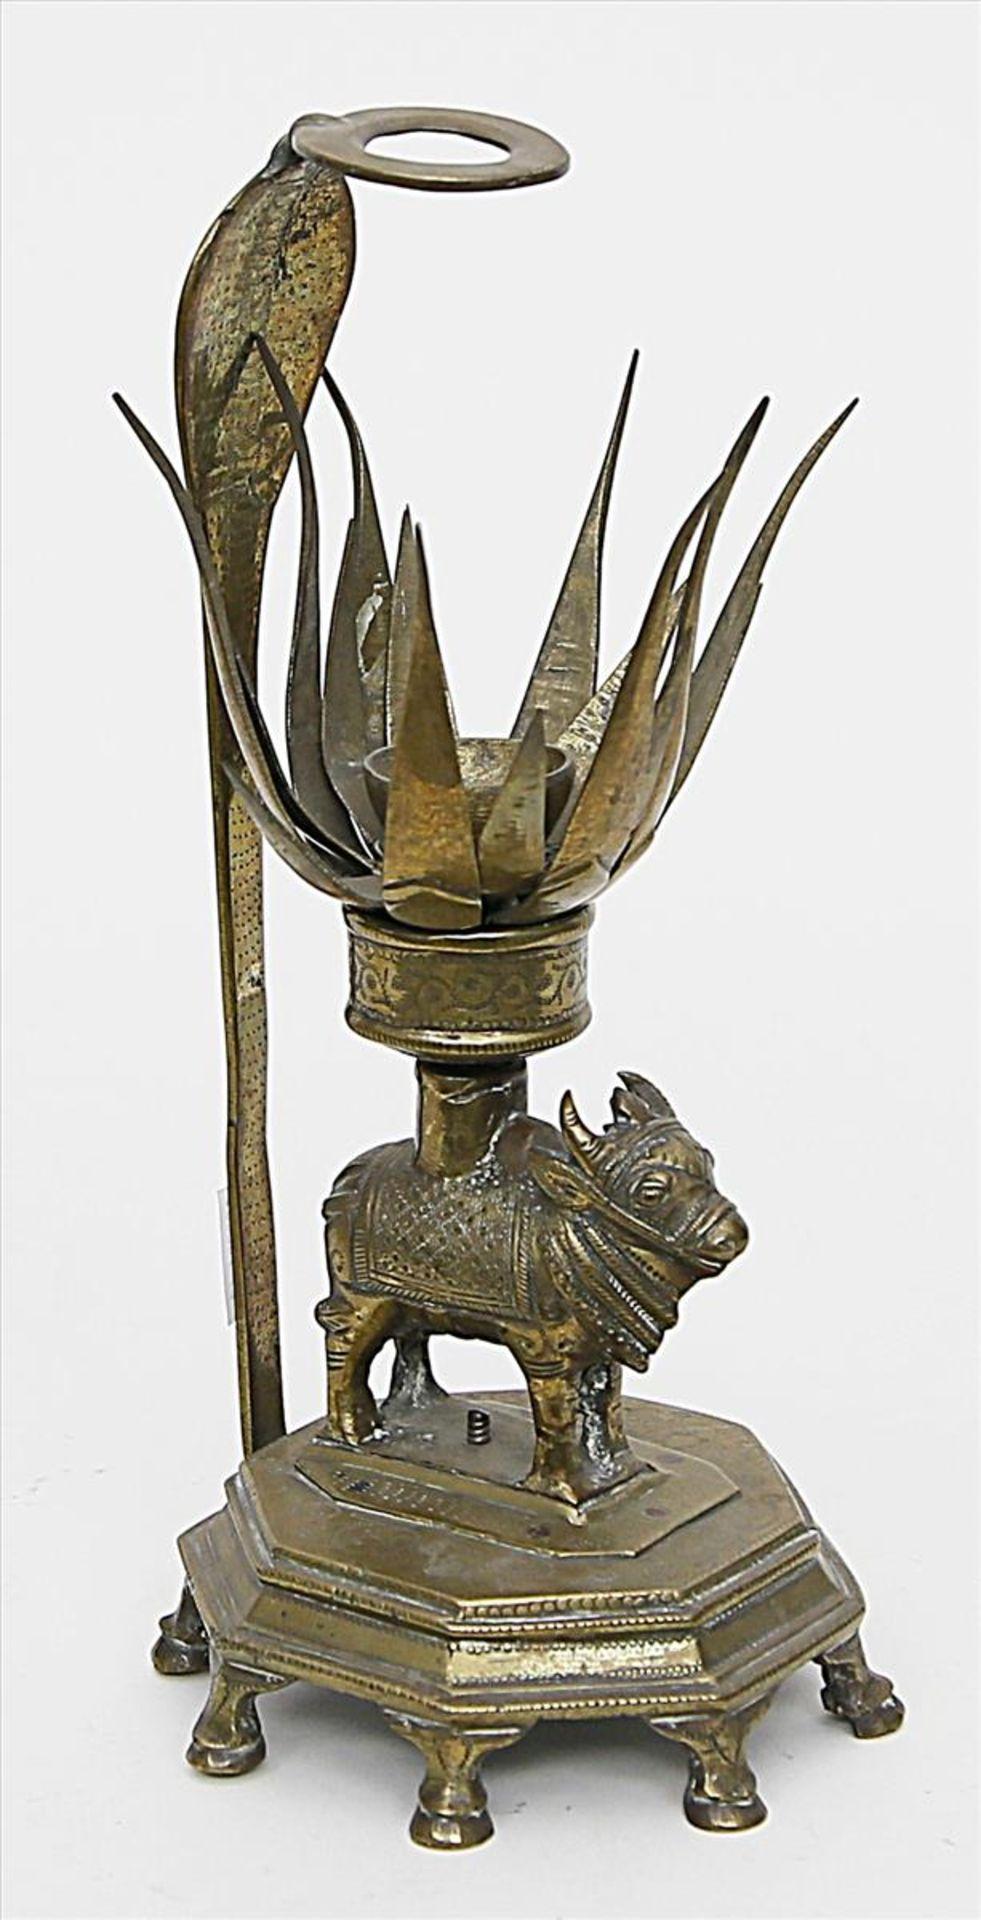 Los 1564 - Opfergefäß.Messing/Bronze. Auf zehnpassigem Sockel mit Füßen stehendes Rind, auf dem Rücken